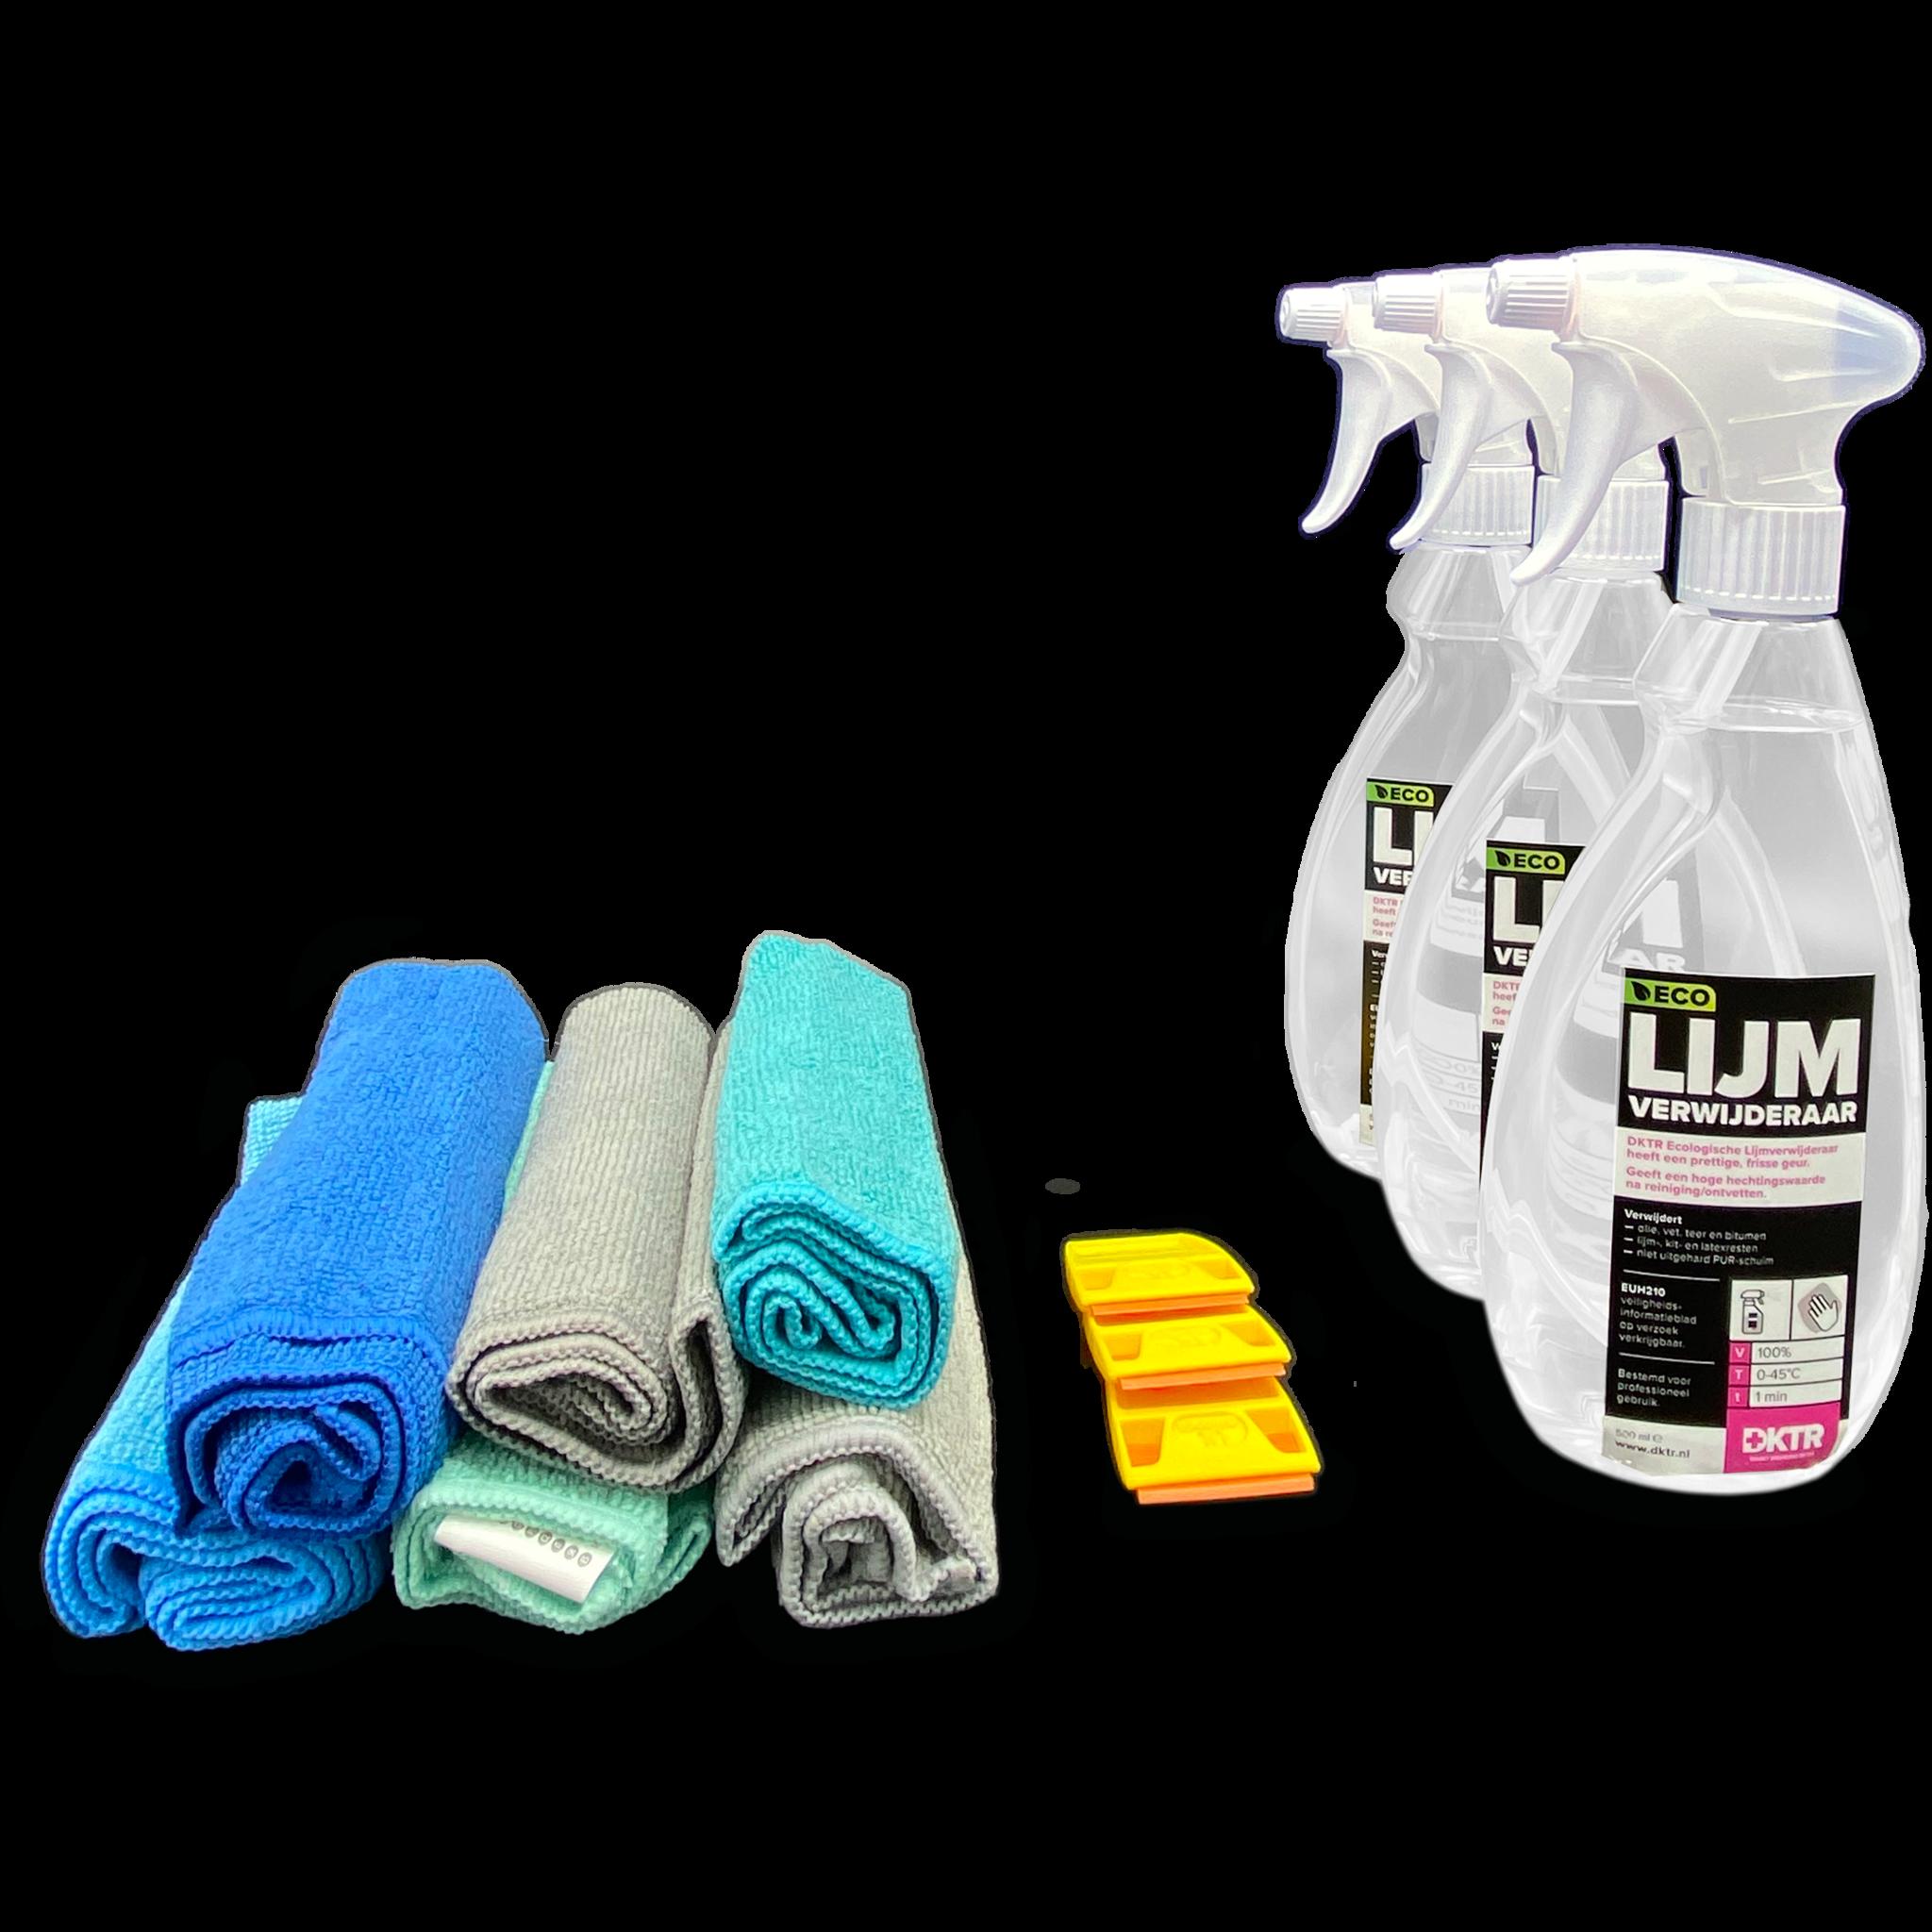 Paquete de des-adhesivo (mediano): quita fácilmente los adhesivos